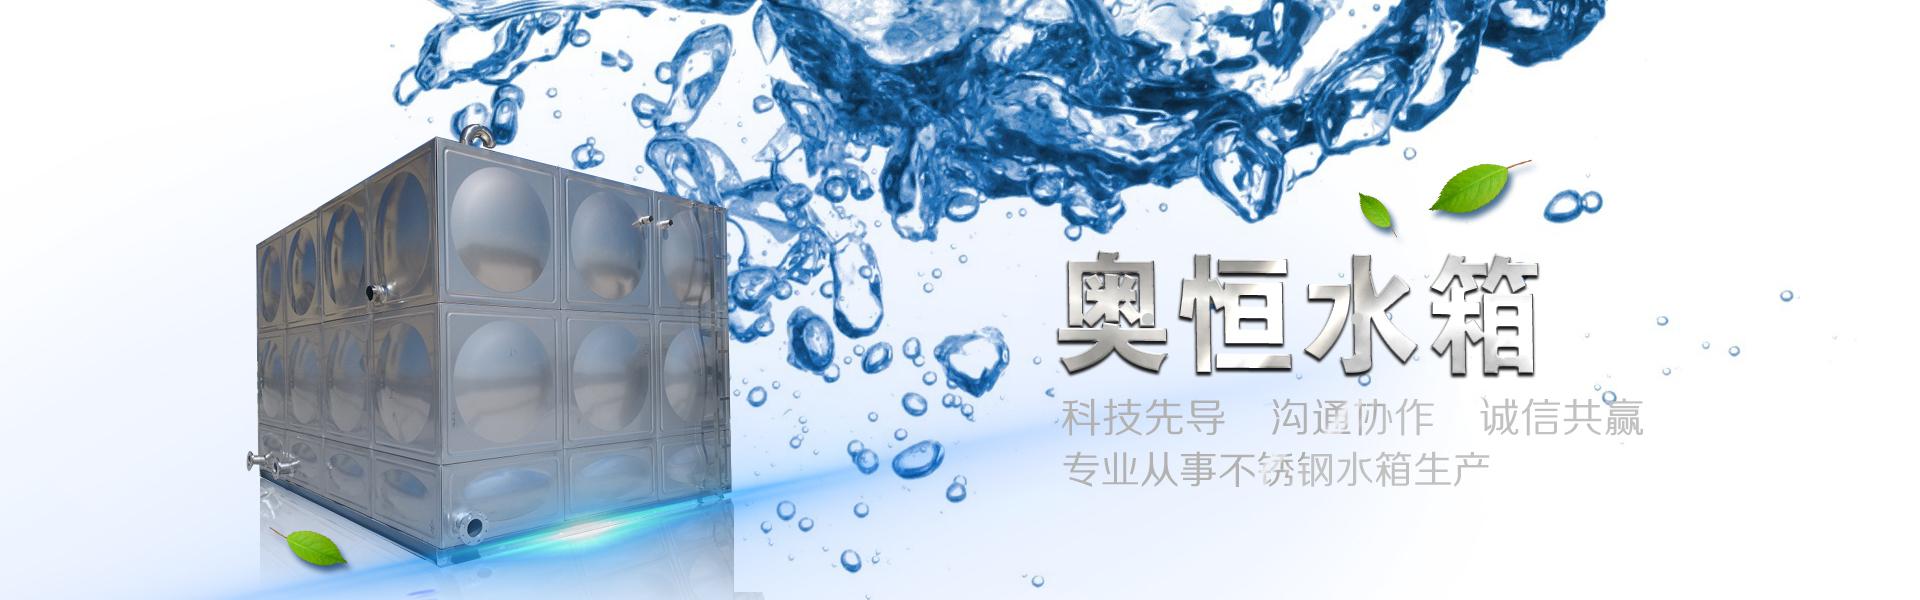 不锈钢水箱---不锈钢水箱是继玻璃钢水箱之后新一代水箱产品,其产品采用SUS304不锈钢板精工模压而成,造型美观、经济实用、主体经久不坏。